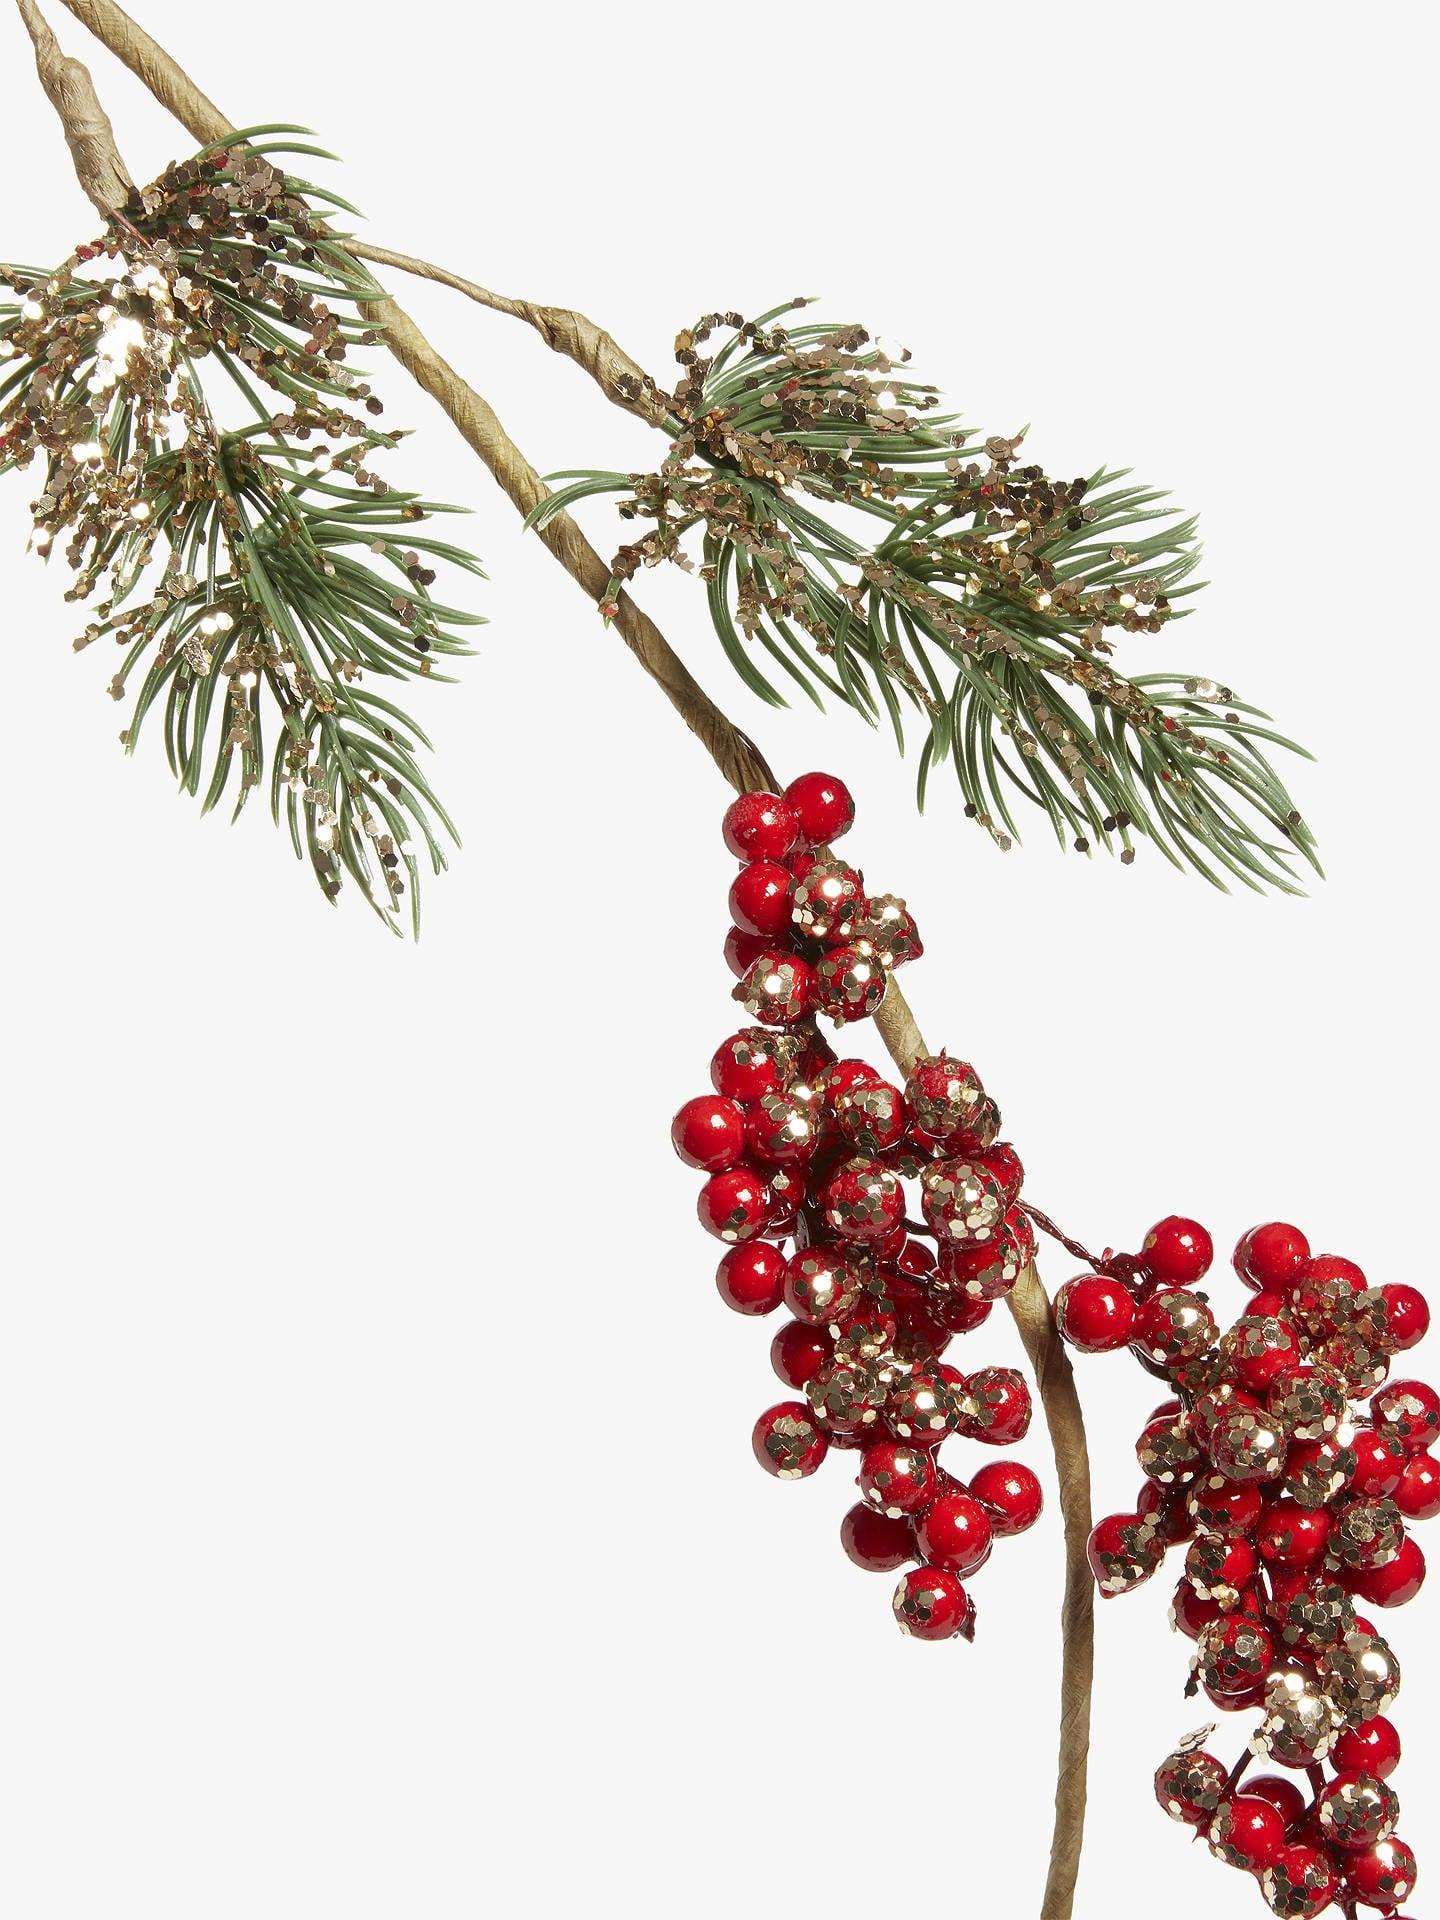 Nhánh cây trang trí Noel phong cách Nhật Bản